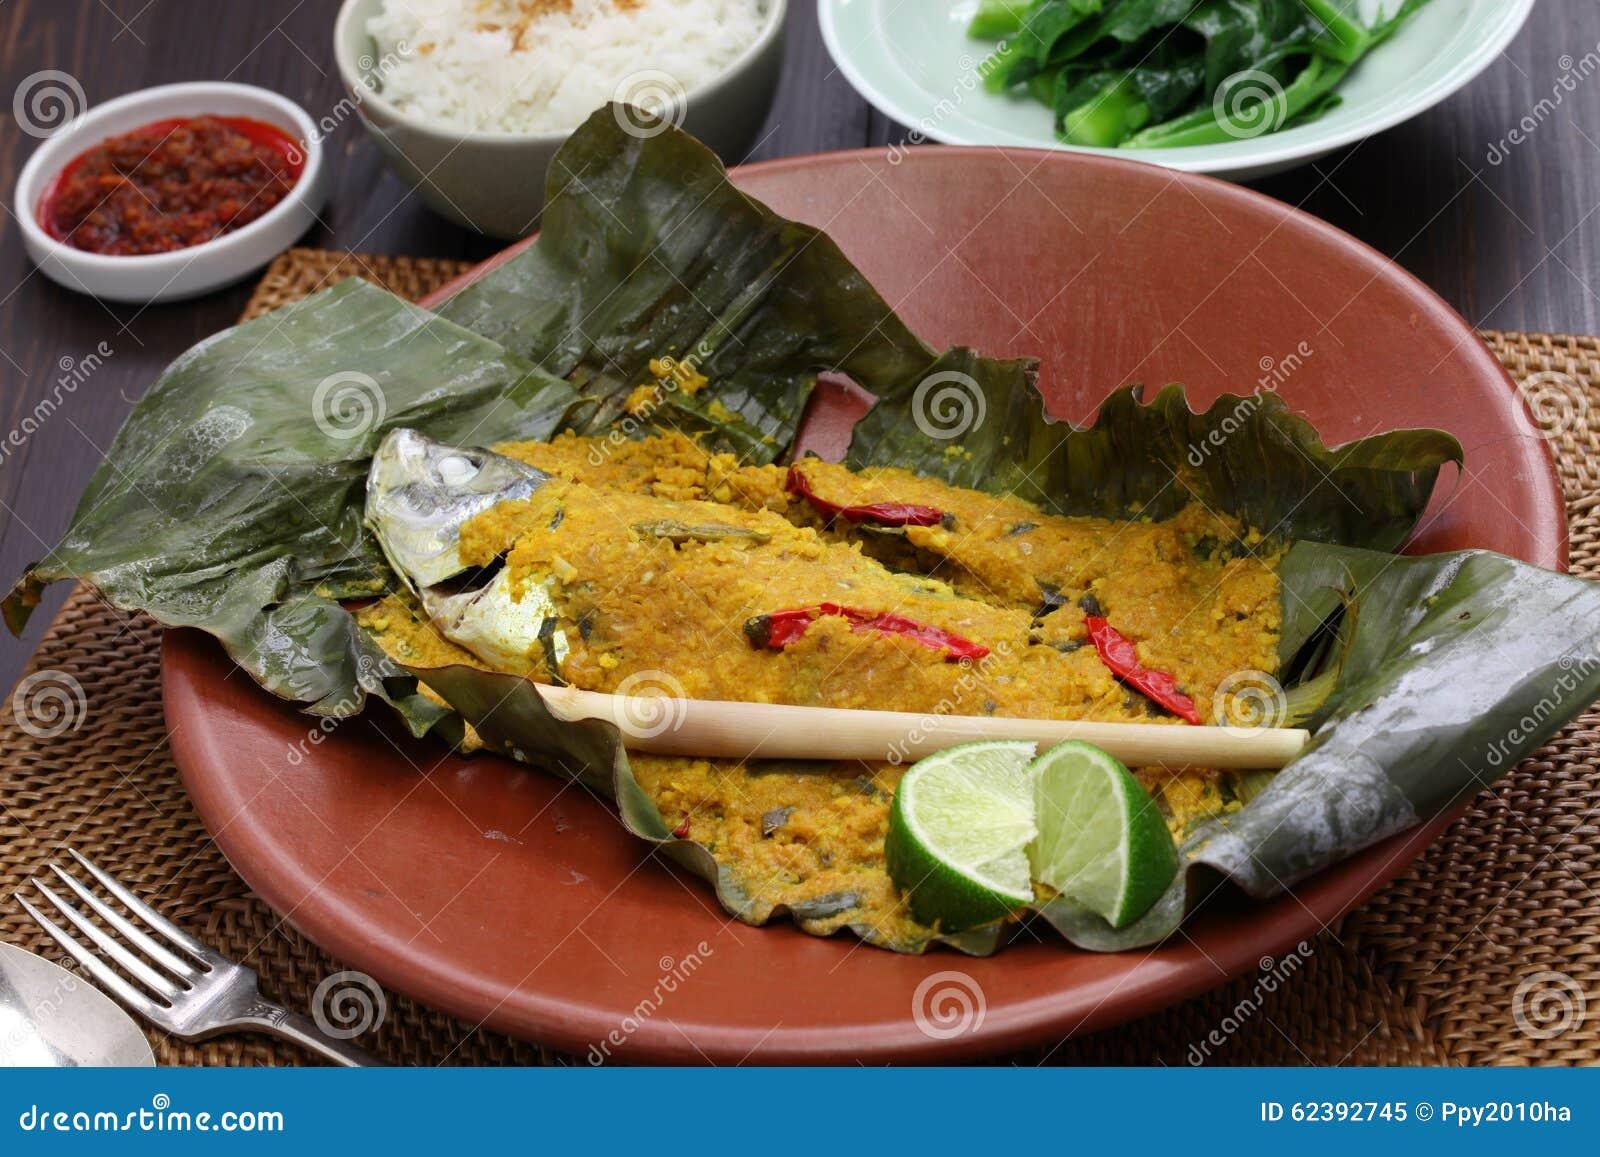 ikan-pepes, indonesische küche stockfoto - bild: 62392745